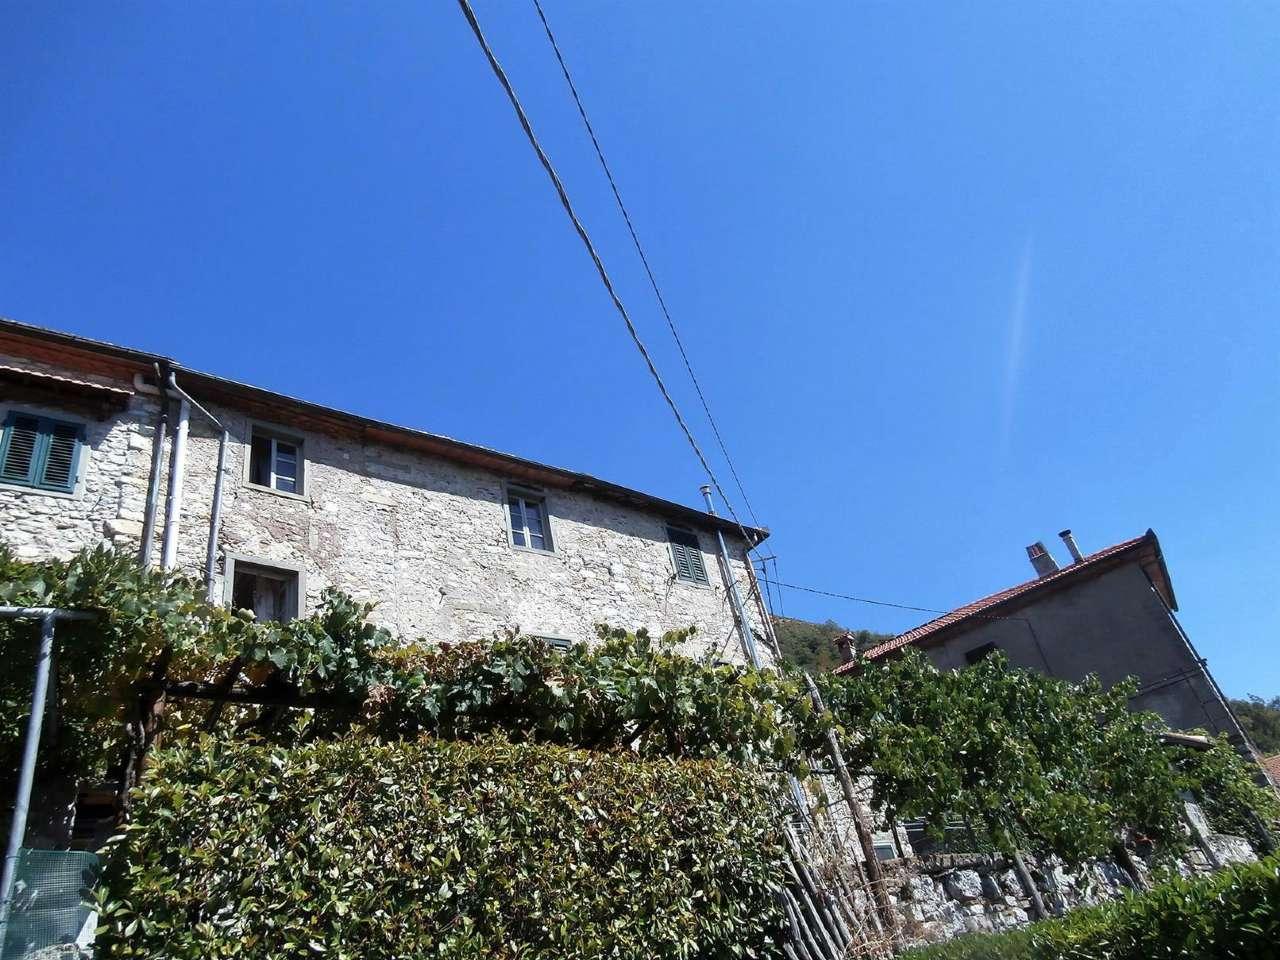 Palazzo / Stabile in vendita a Bagni di Lucca, 7 locali, prezzo € 45.000 | CambioCasa.it